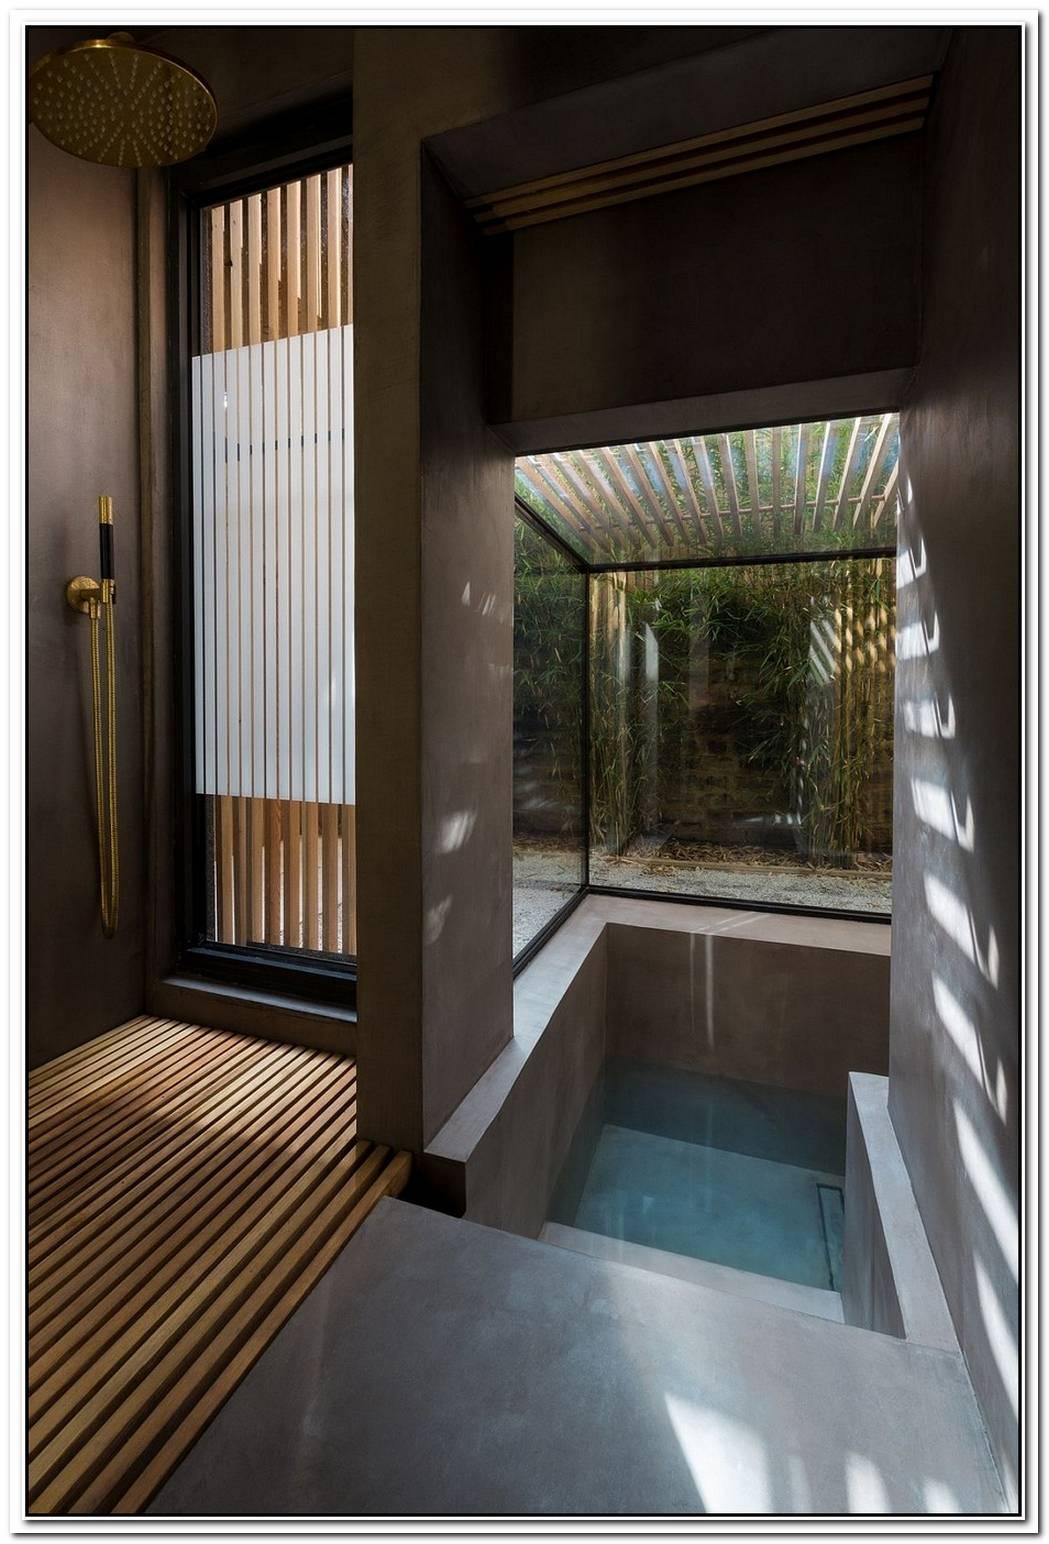 An Indulgent DipThis Terraced London Home Gets A Stunning Sunken Bath